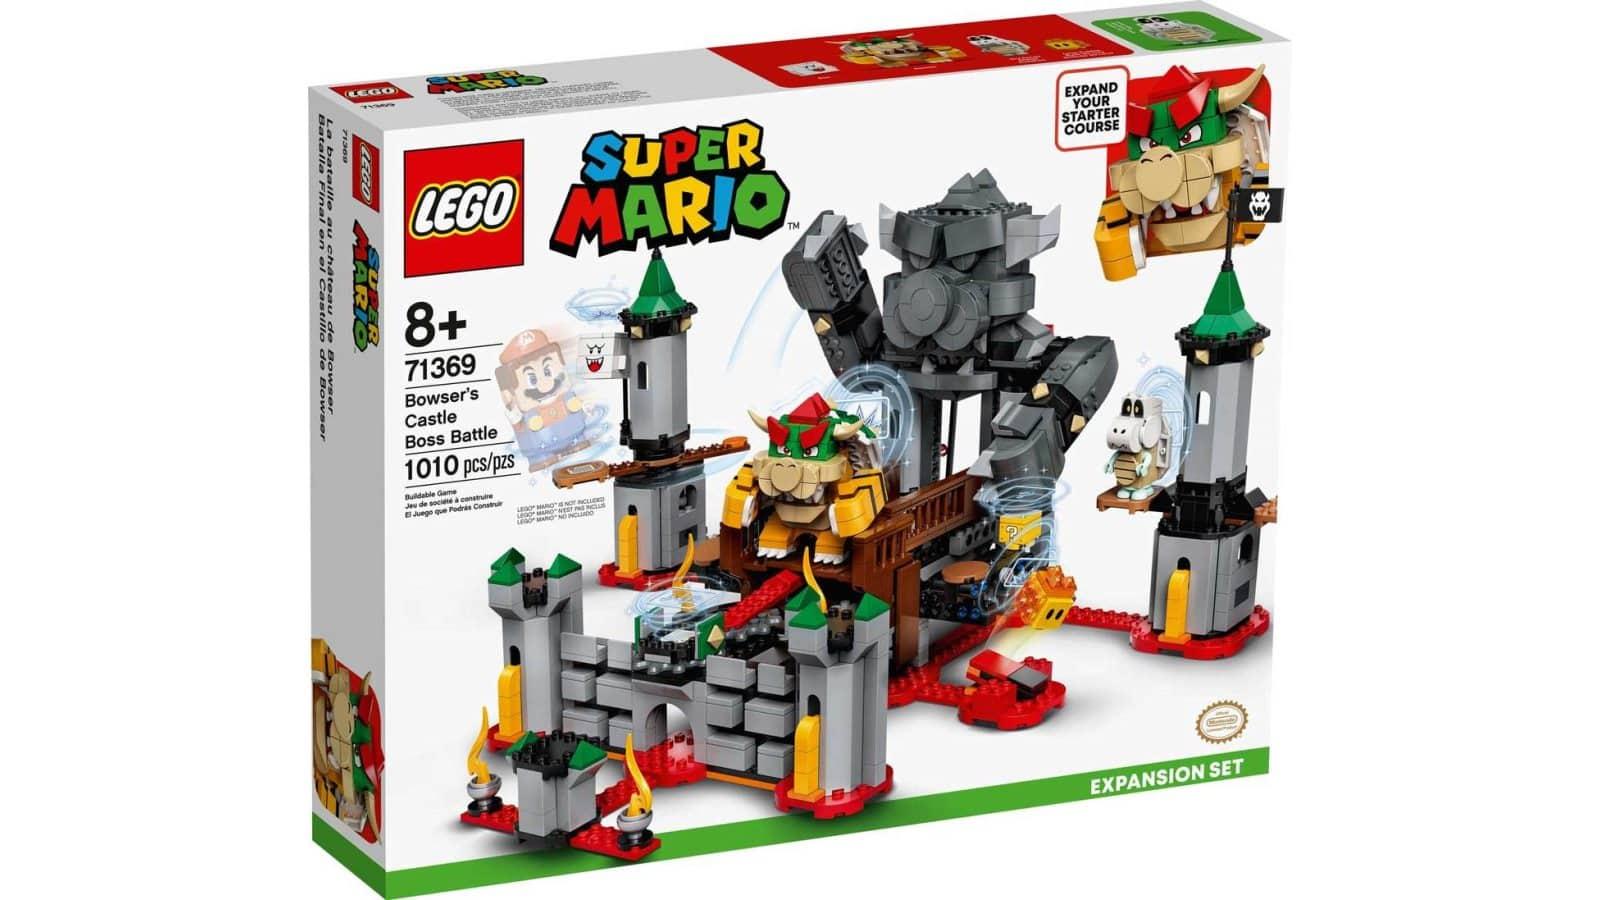 LEGO 71369 Bowser's Castle Boss Battle Expansion Set - אריזה